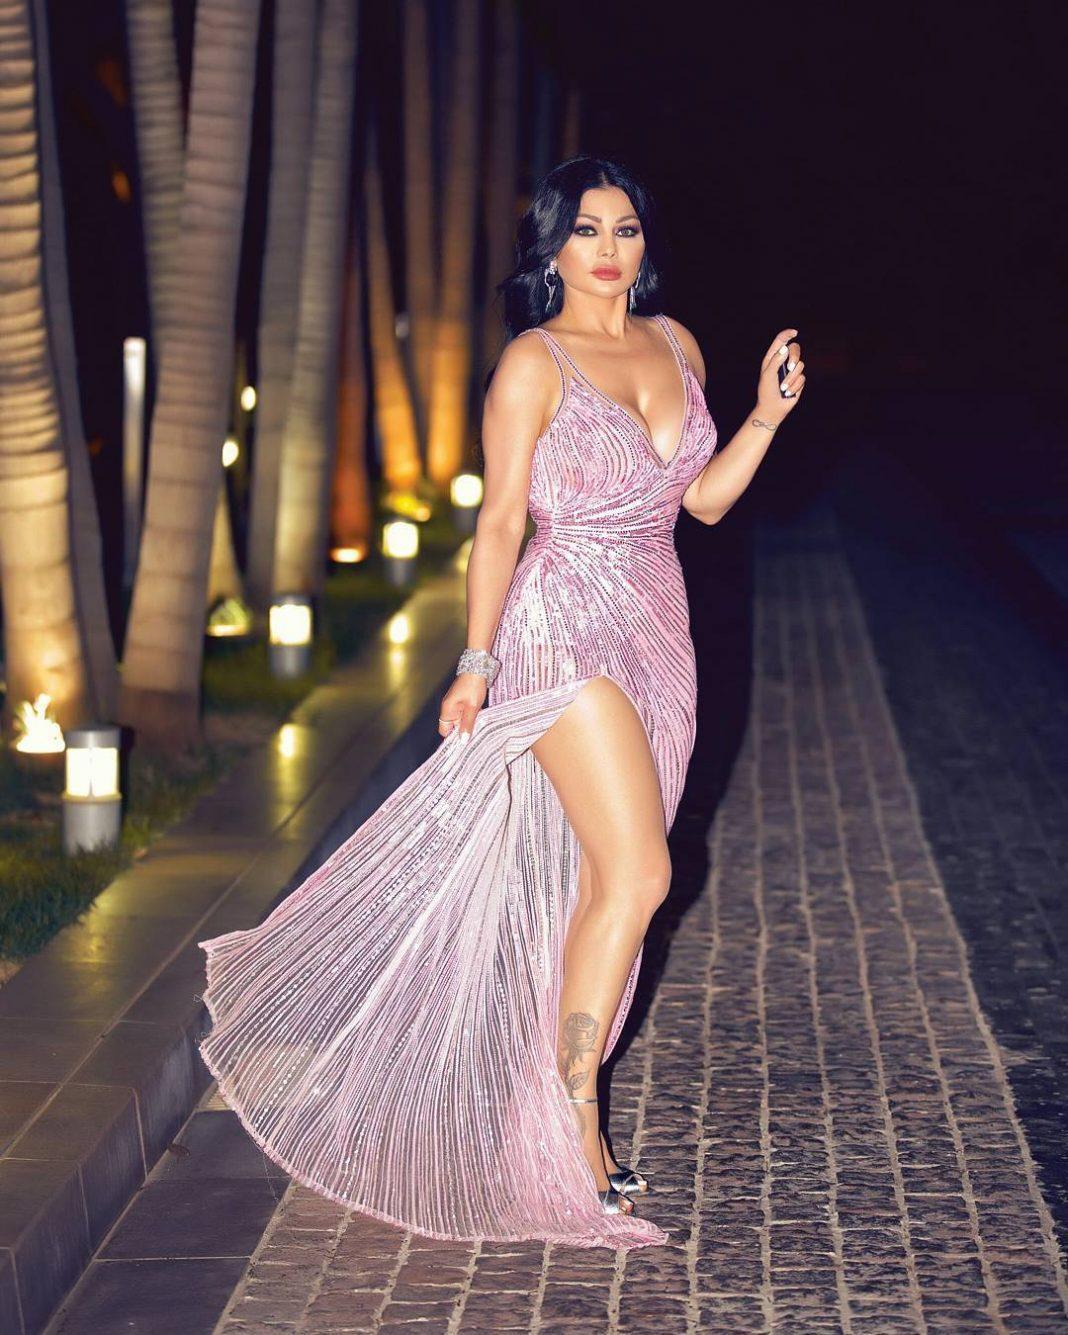 Haifa Wehbe hot side boobs pics